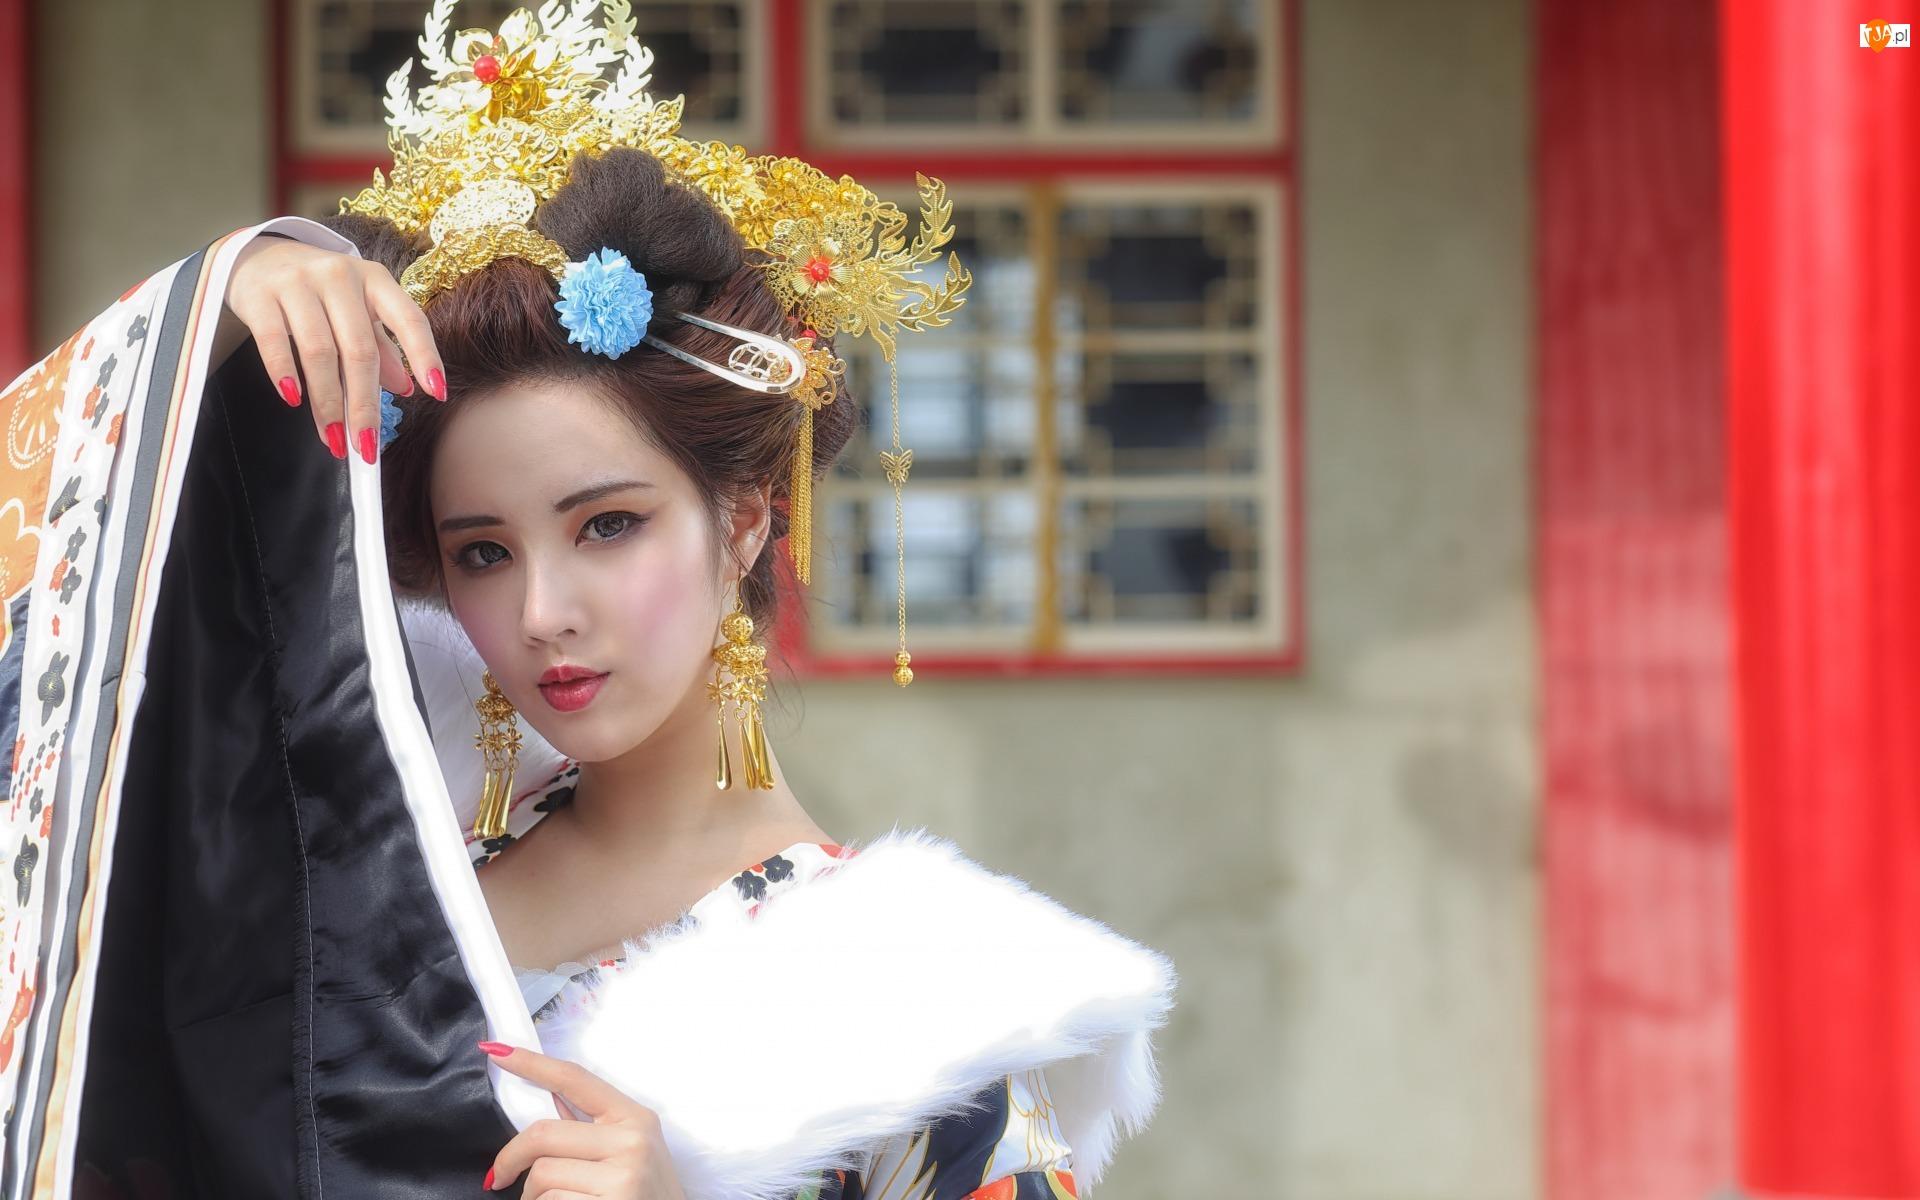 Biżuteria, Kobieta, Azjatka